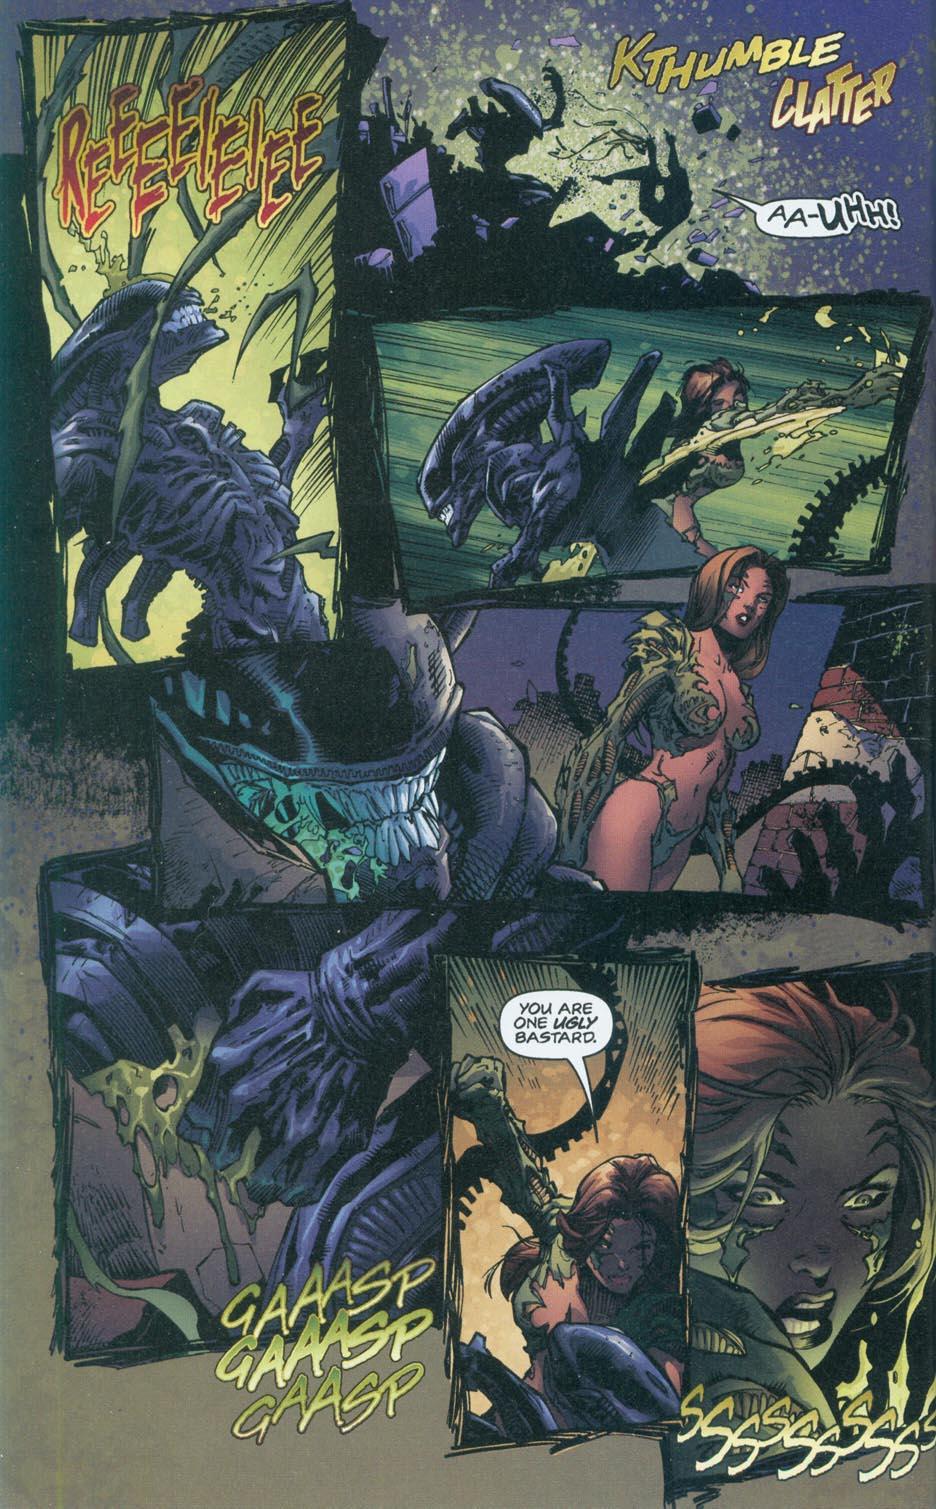 Бэтмен против Чужого?! Безумные комикс-кроссоверы сксеноморфами. - Изображение 24